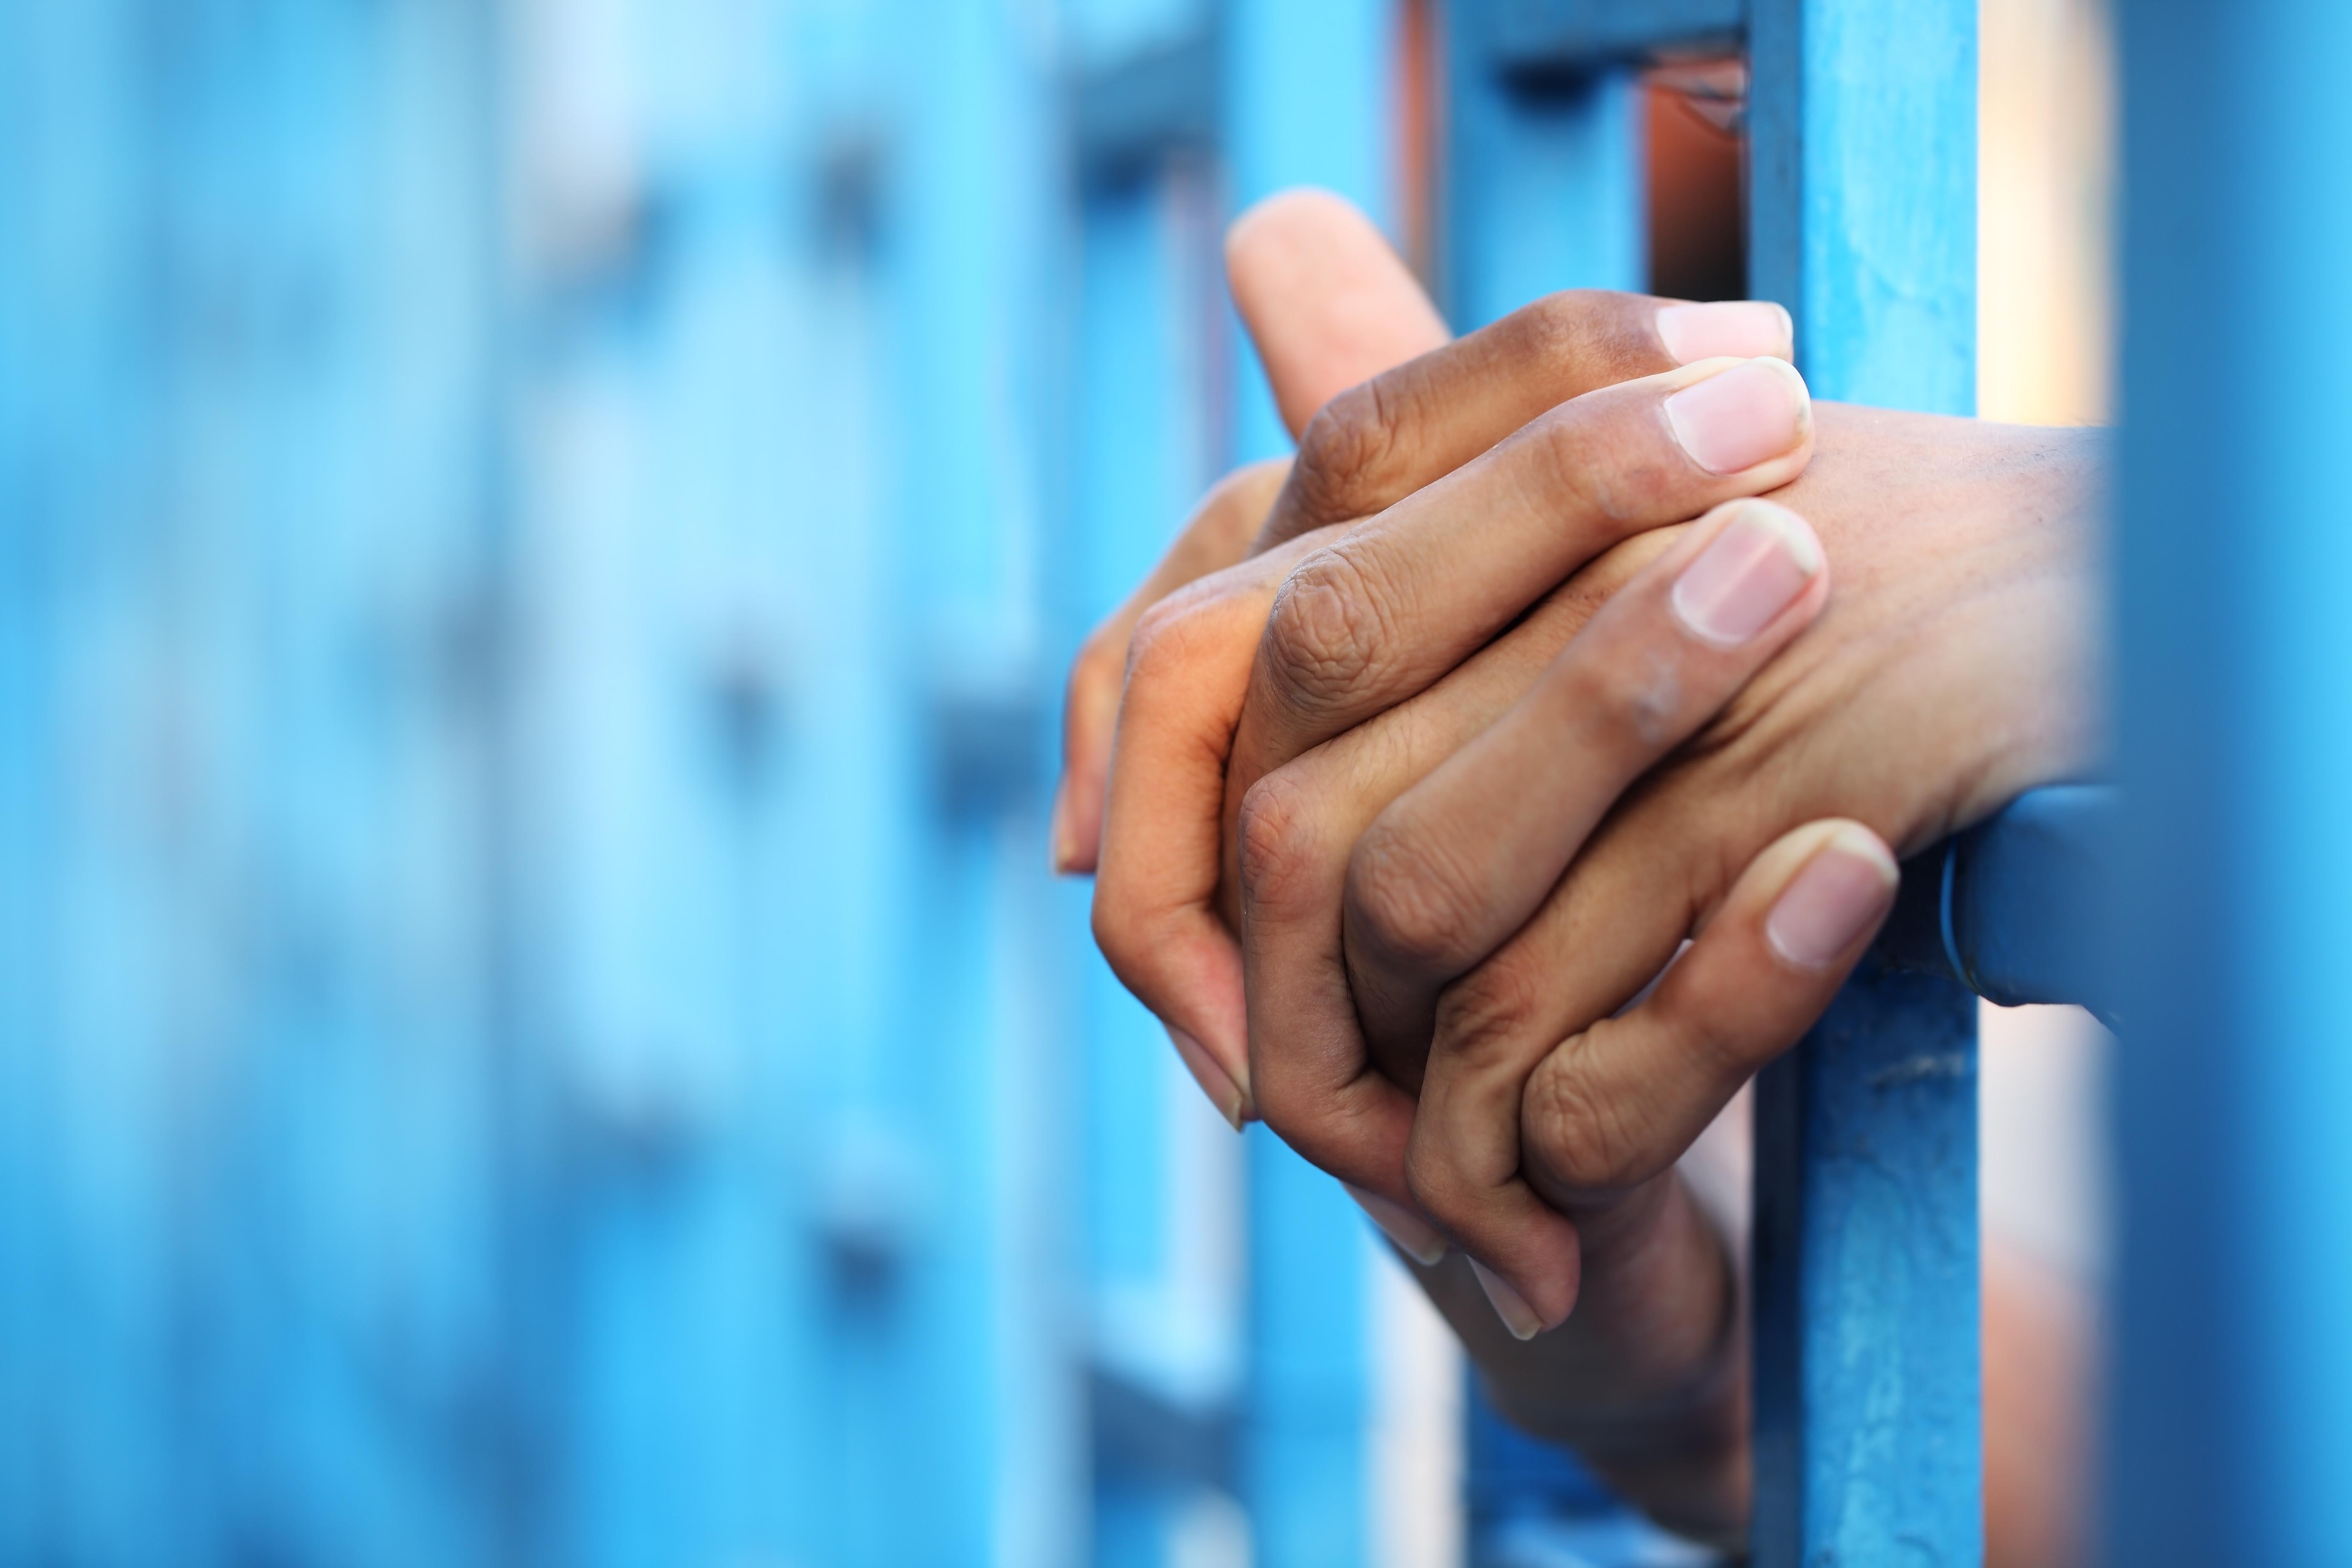 Prisoner's Hands